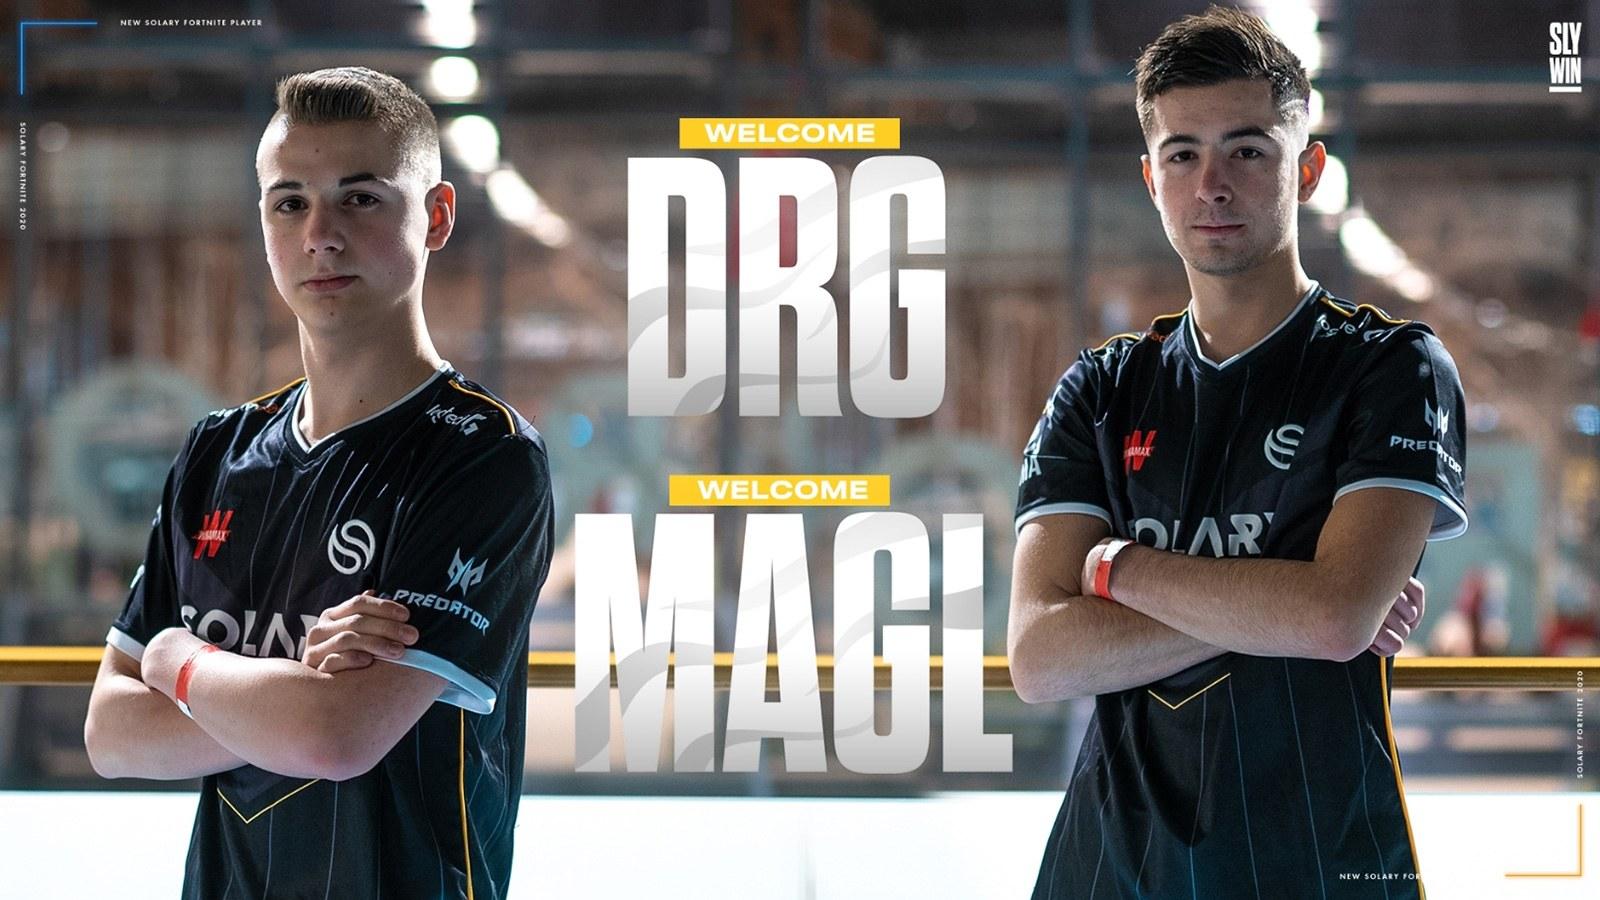 DRG et Magl sous les couleurs de Solary